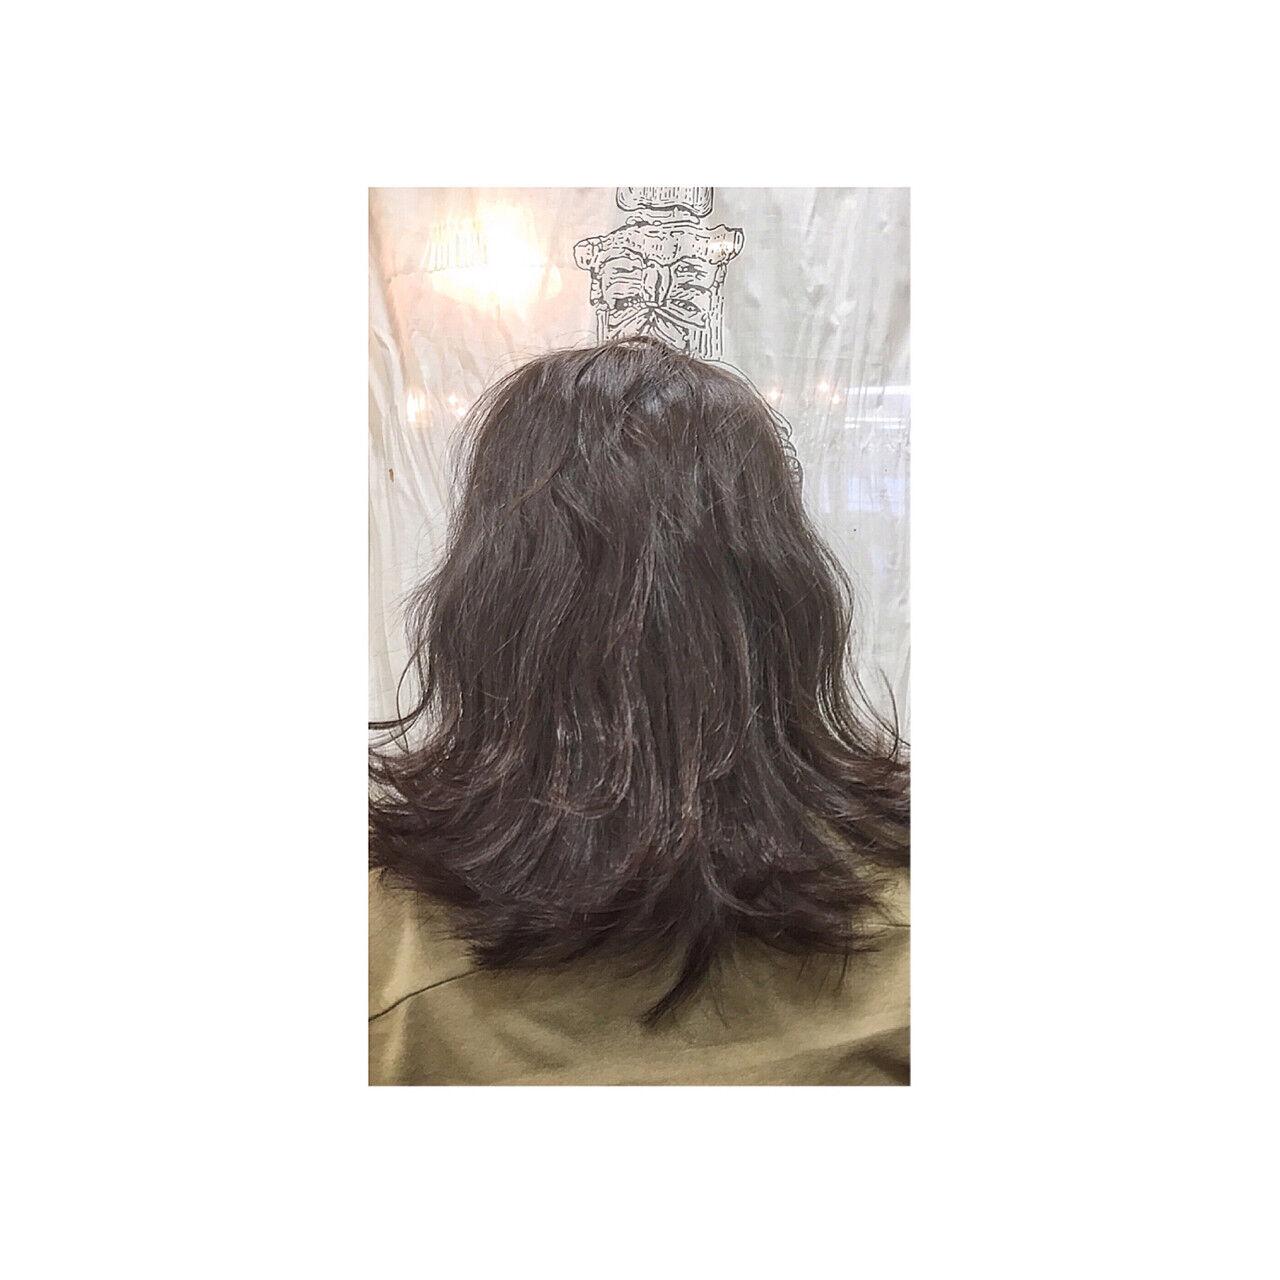 外国人風 ミディアム ボブ アッシュヘアスタイルや髪型の写真・画像